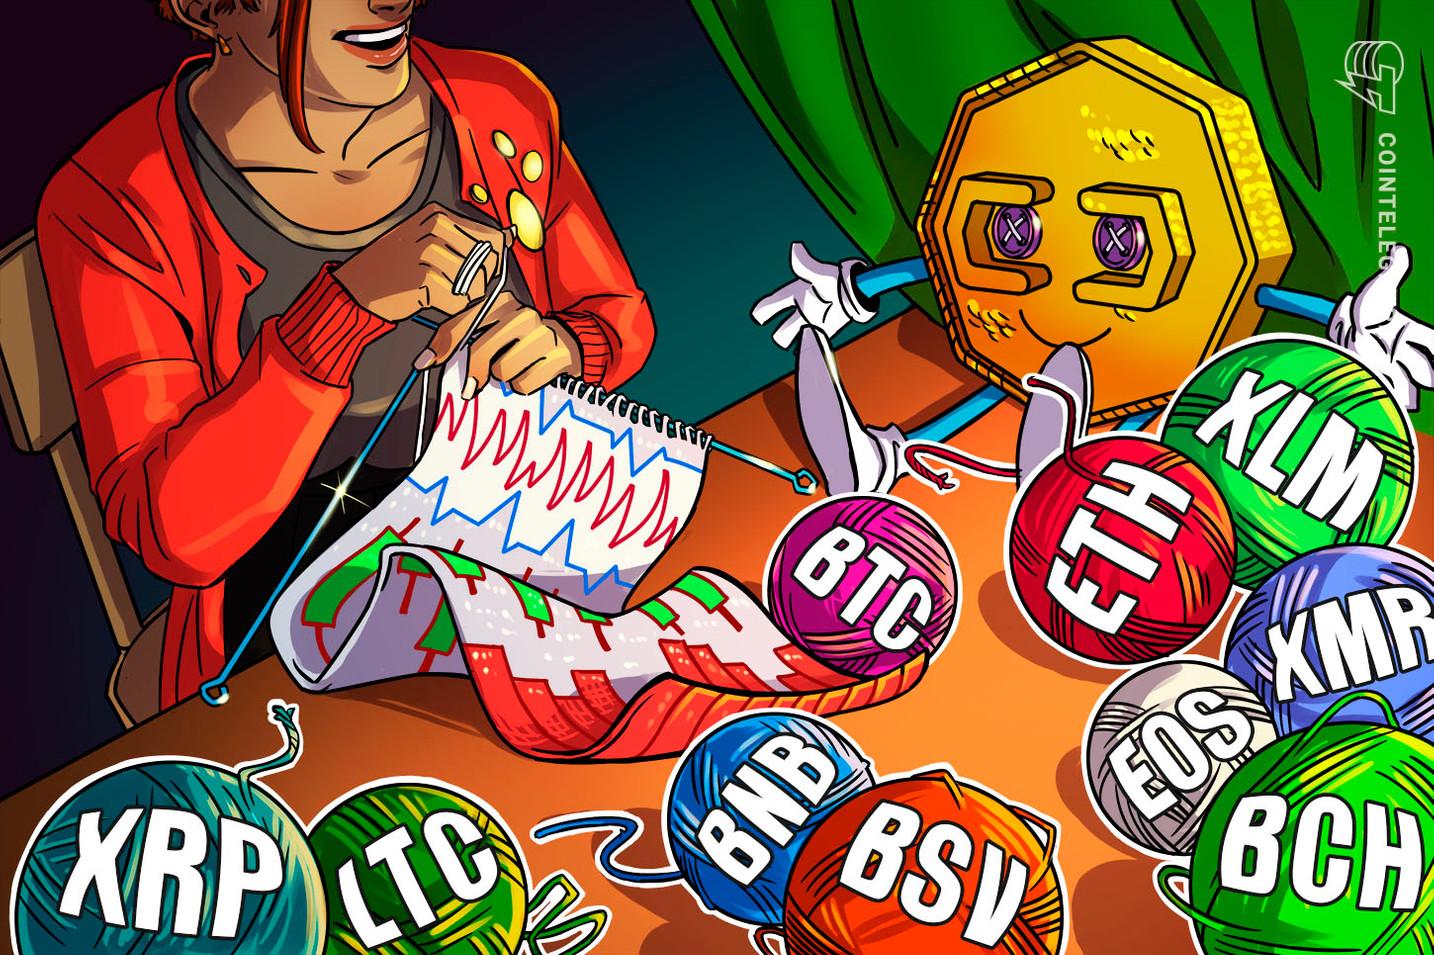 Análisis de precios al 6 de enero: BTC, ETH, XRP, BCH, LTC, EOS, BNB, BSV, XLM, XMR